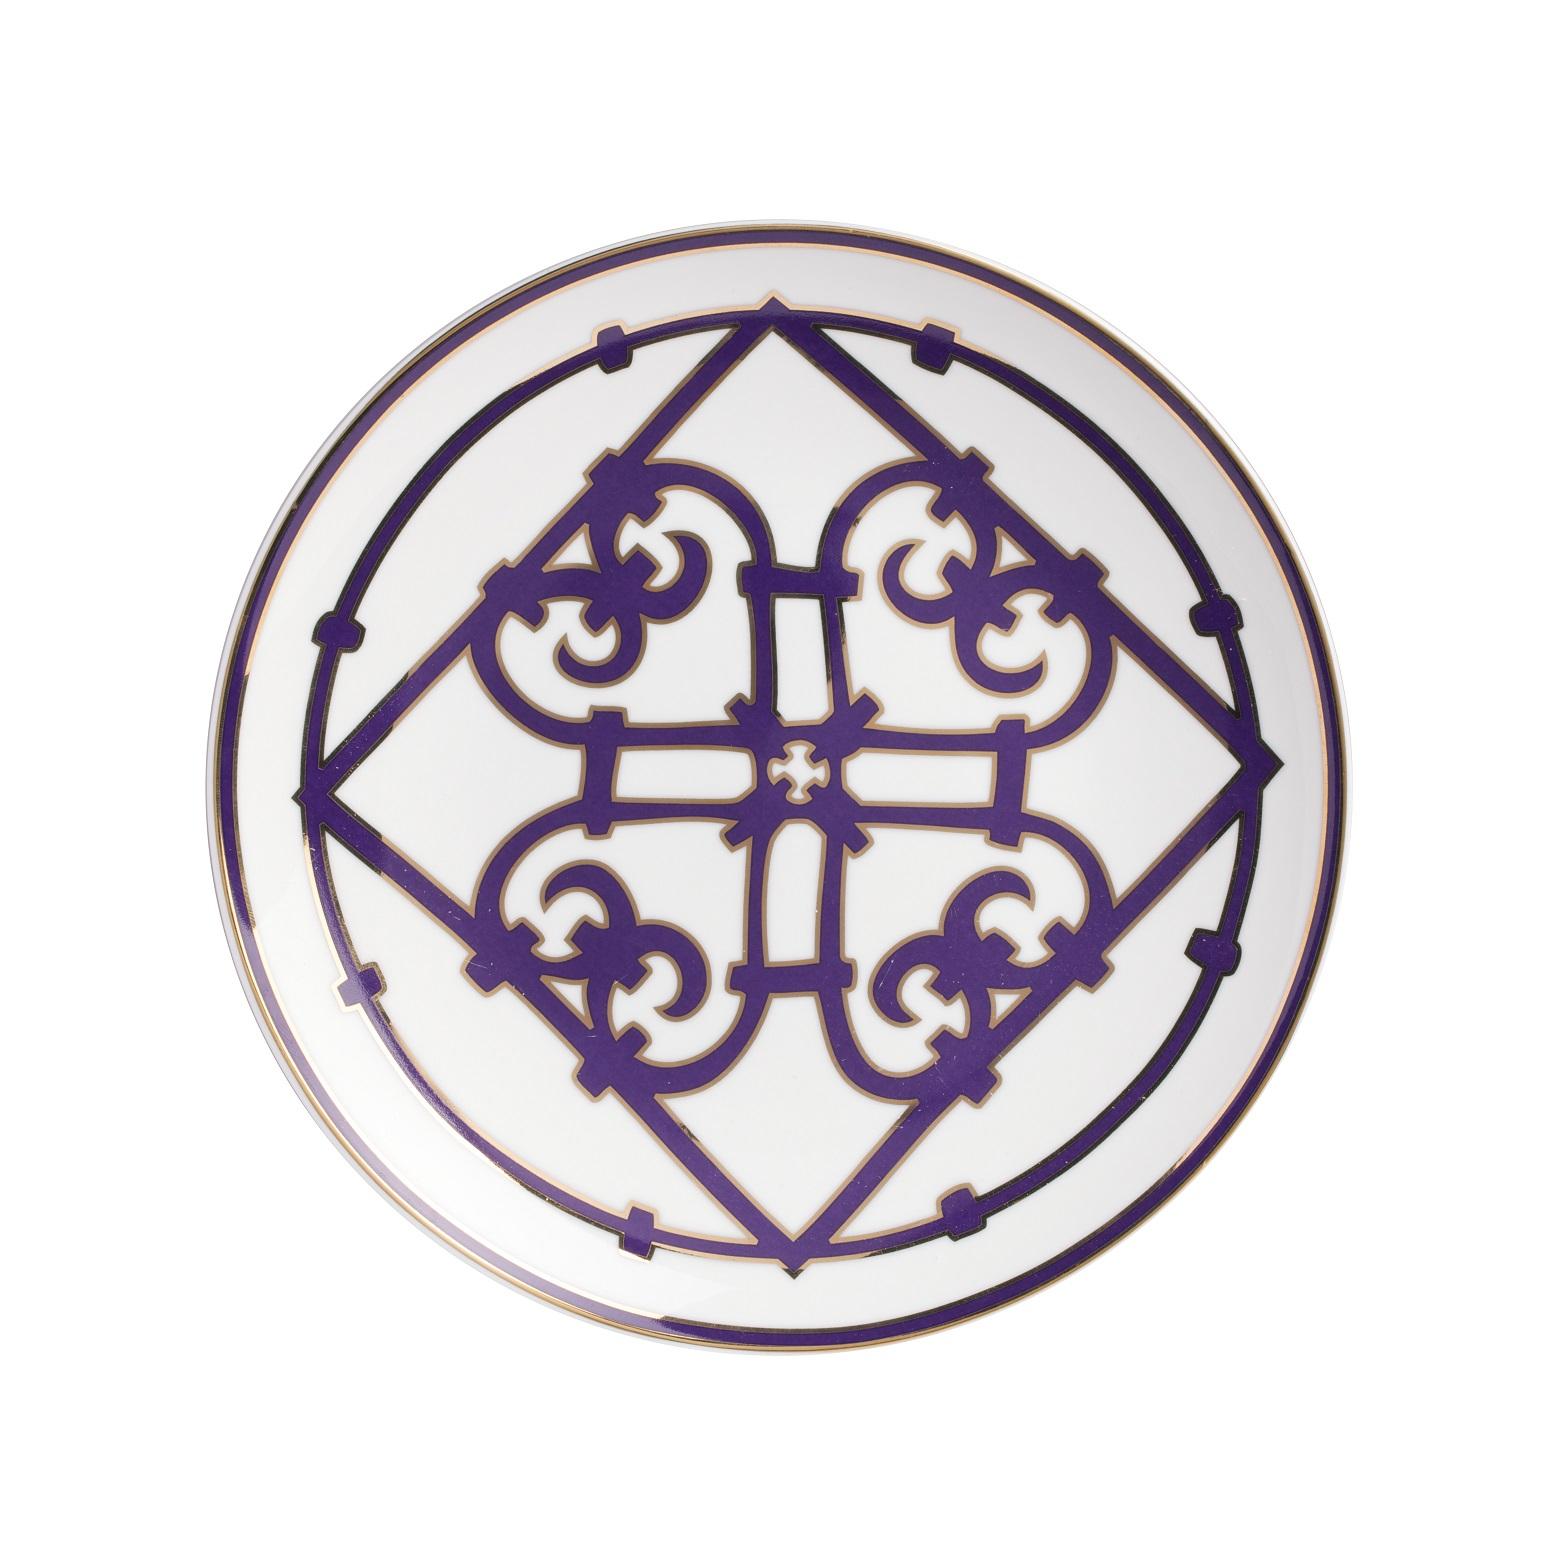 Тарелка Violet DreamsДекоративные тарелки<br>Изумительной красоты тарелка из костяного фарфора серии «Фиолетовые сны» вопреки названию украшена роскошным золотым узором. Сочетание белоснежного фарфора и замысловатого золотистого орнамента, придает изделию восточную загадочность и колорит. Тарелка предназначена для вторых блюд и закусок. Она великолепно смотрится отдельно, а также в сочетании с другими предметами серии «Violet Dreams».<br><br>Material: Фарфор<br>Depth см: 1.5<br>Diameter см: 20